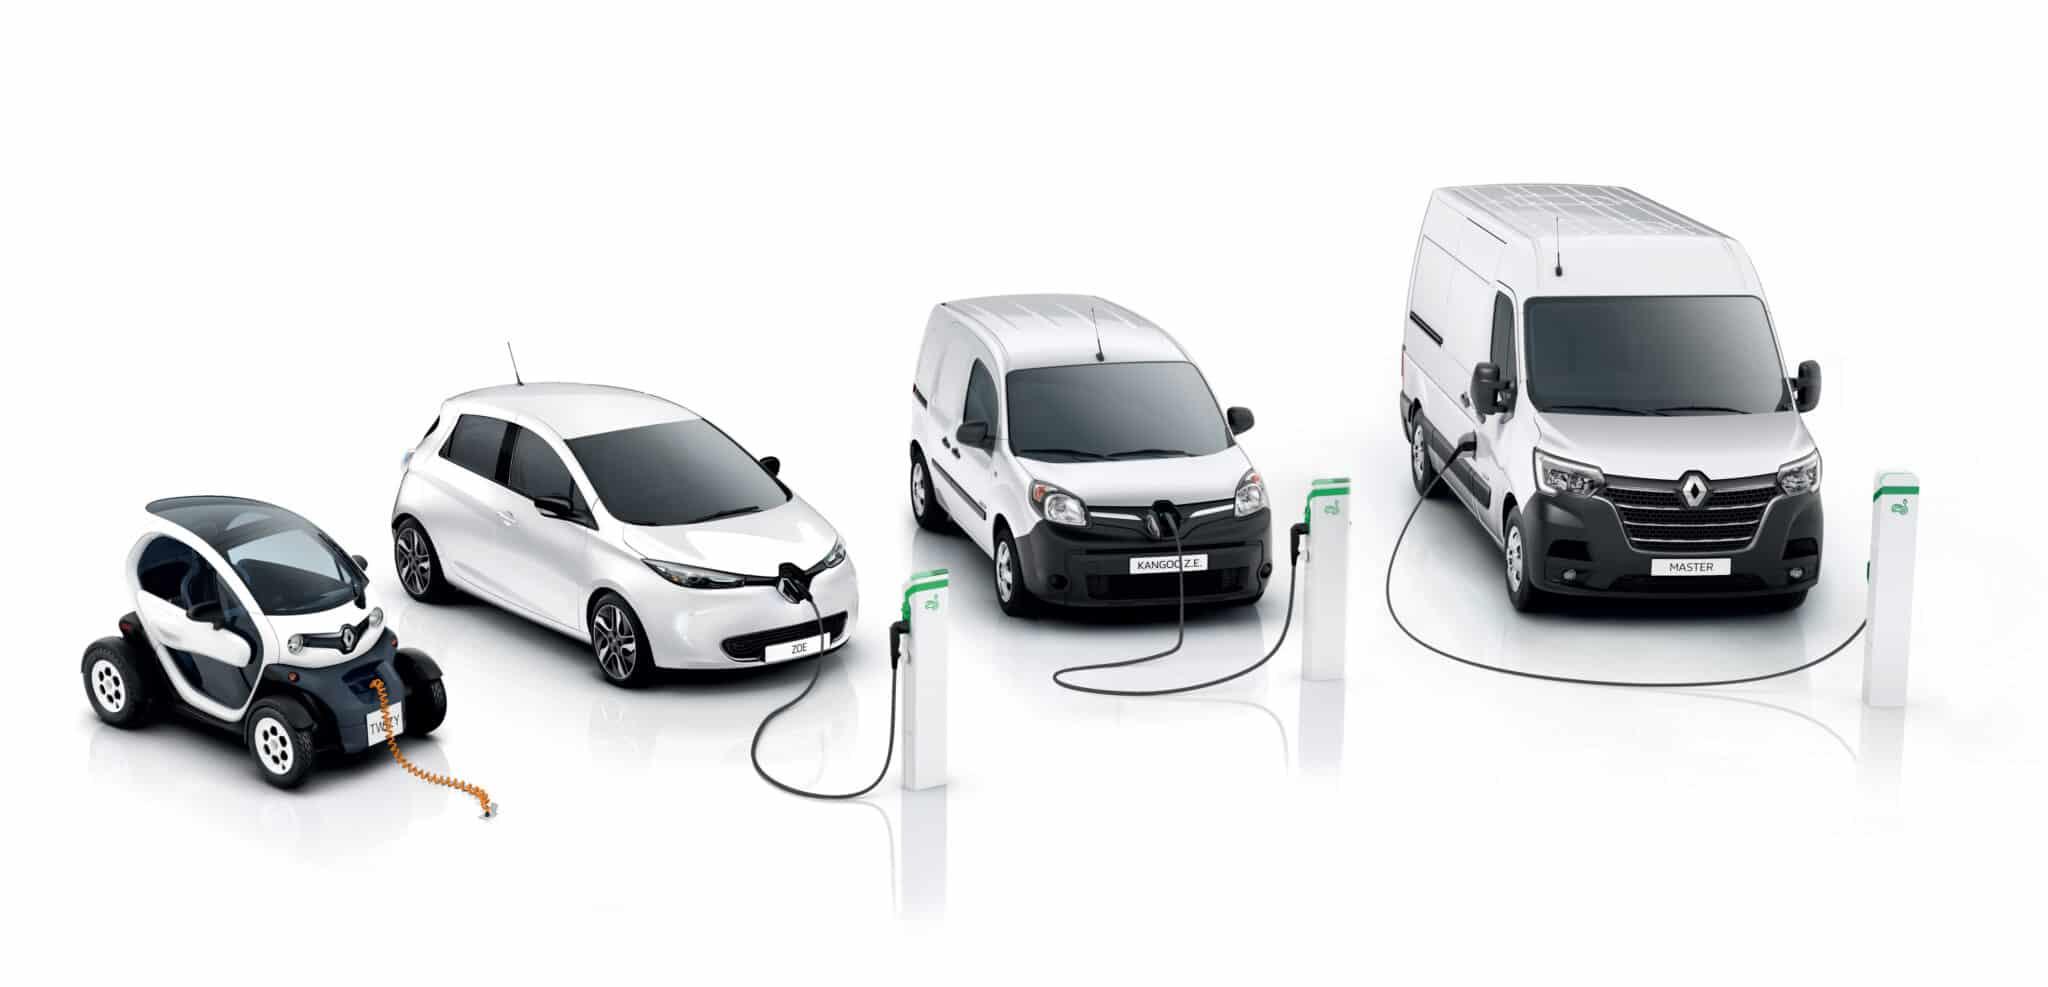 Renault aktualisiert seine Transportpalette » 20669 125446 R DAM 1023533